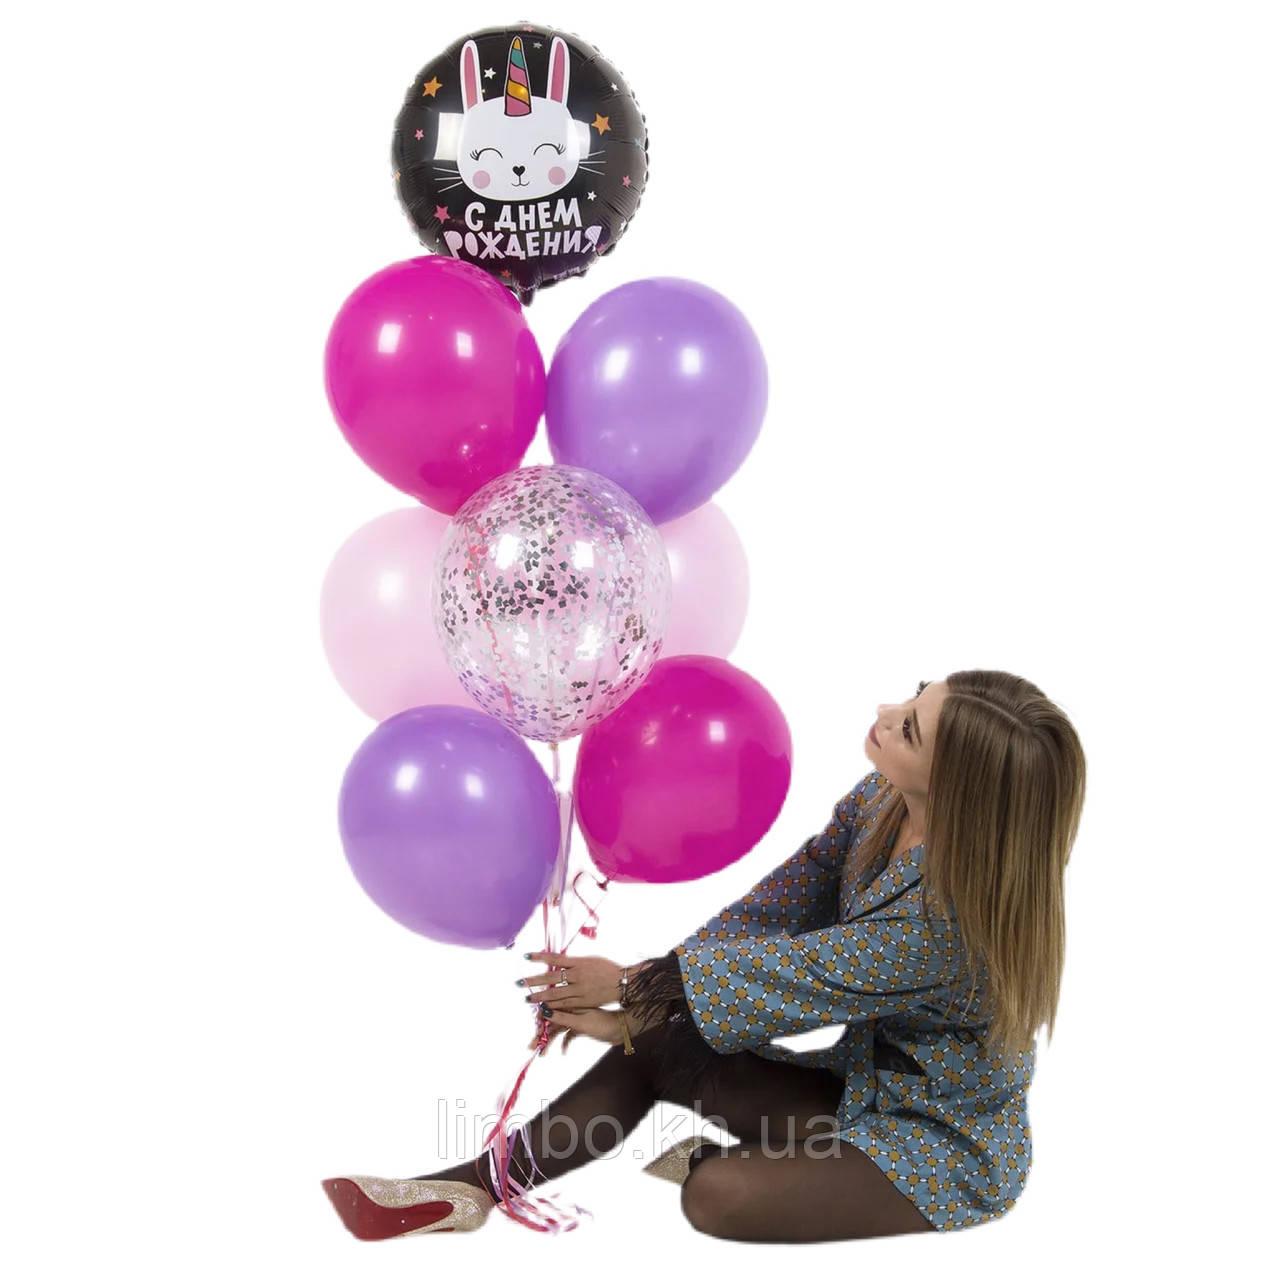 Шарики с гелием на день рождения для девочки